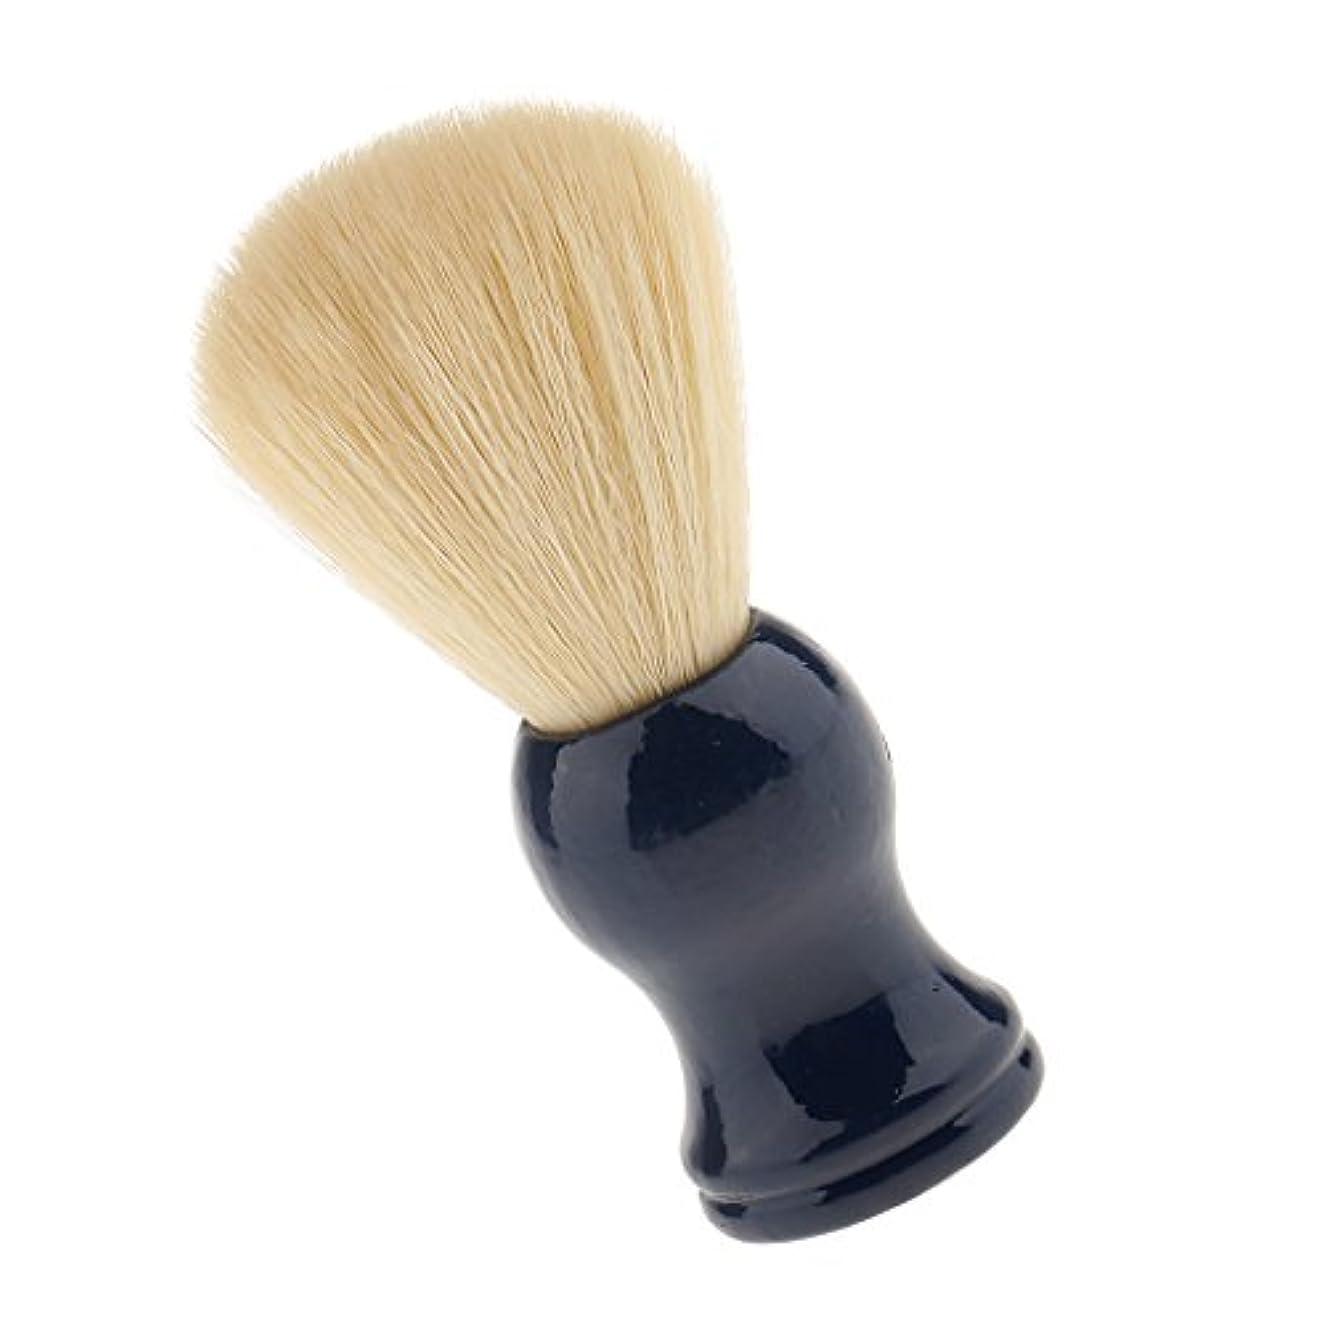 過半数玉コードKesoto シェービングブラシ 美容院用工具 理髪用 スキンケア サロン 便利グッズ ひげブラシ 首/顔 散髪整理  1点